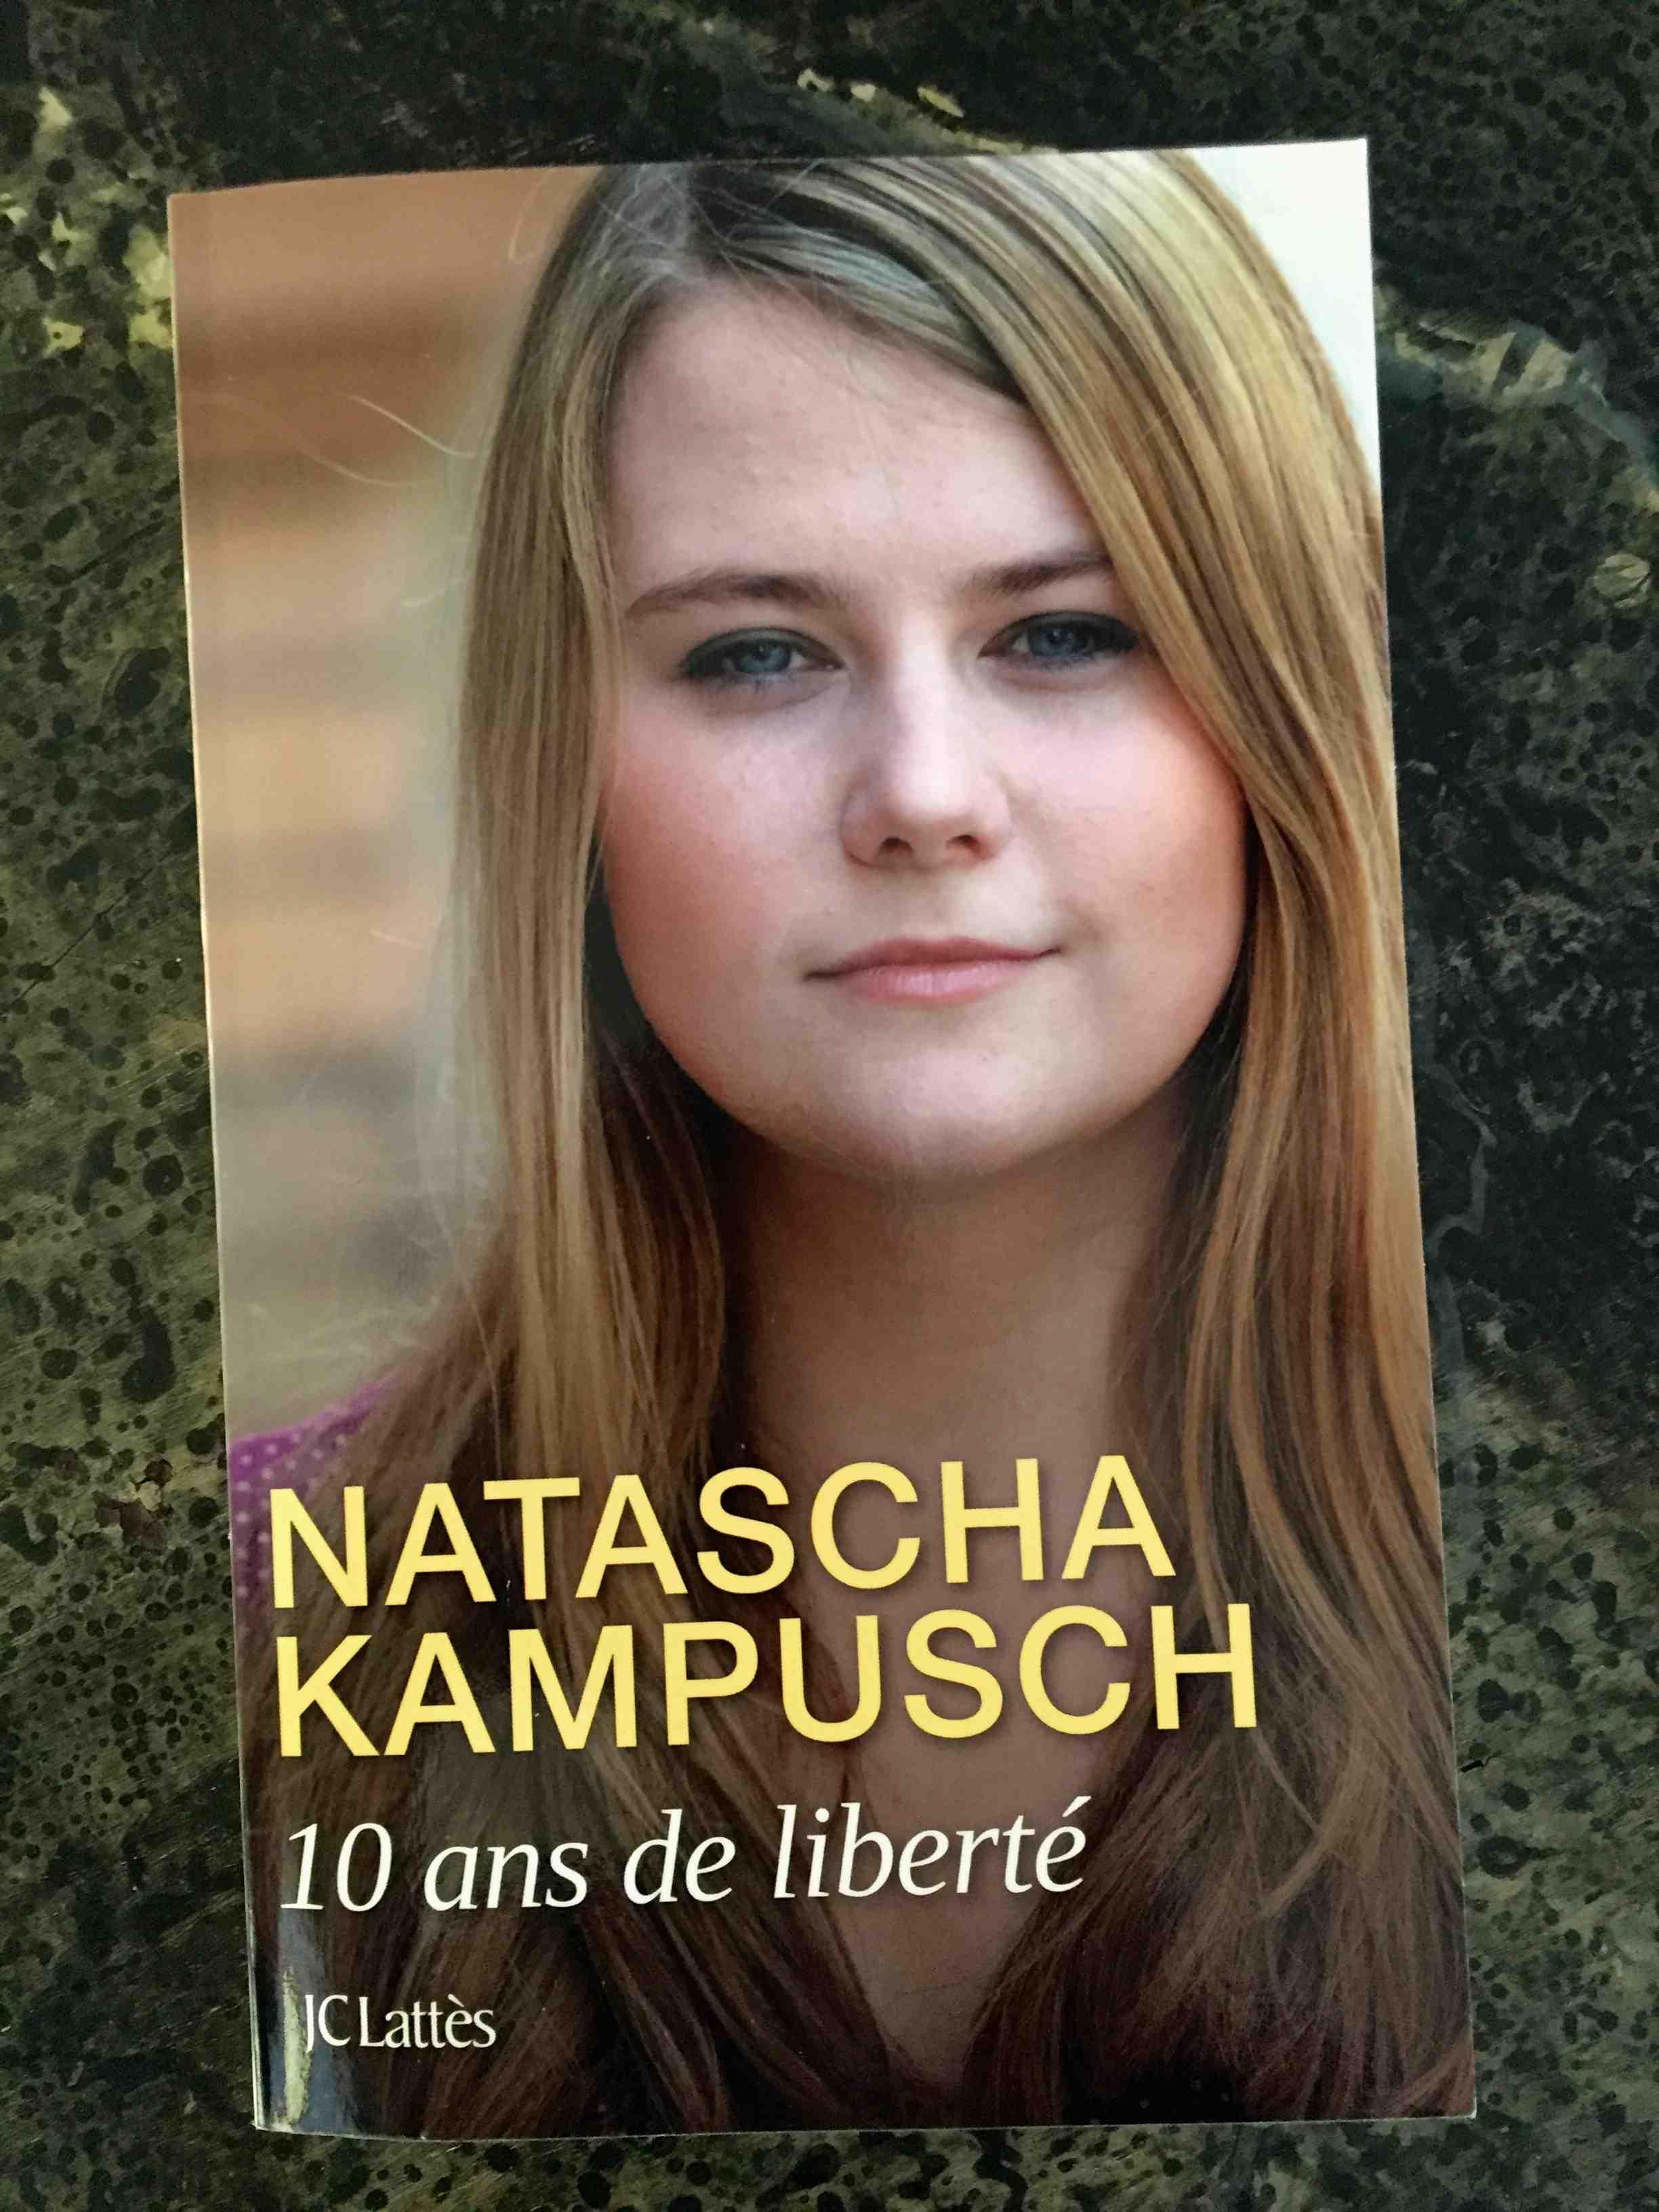 natascha-kampusch-2